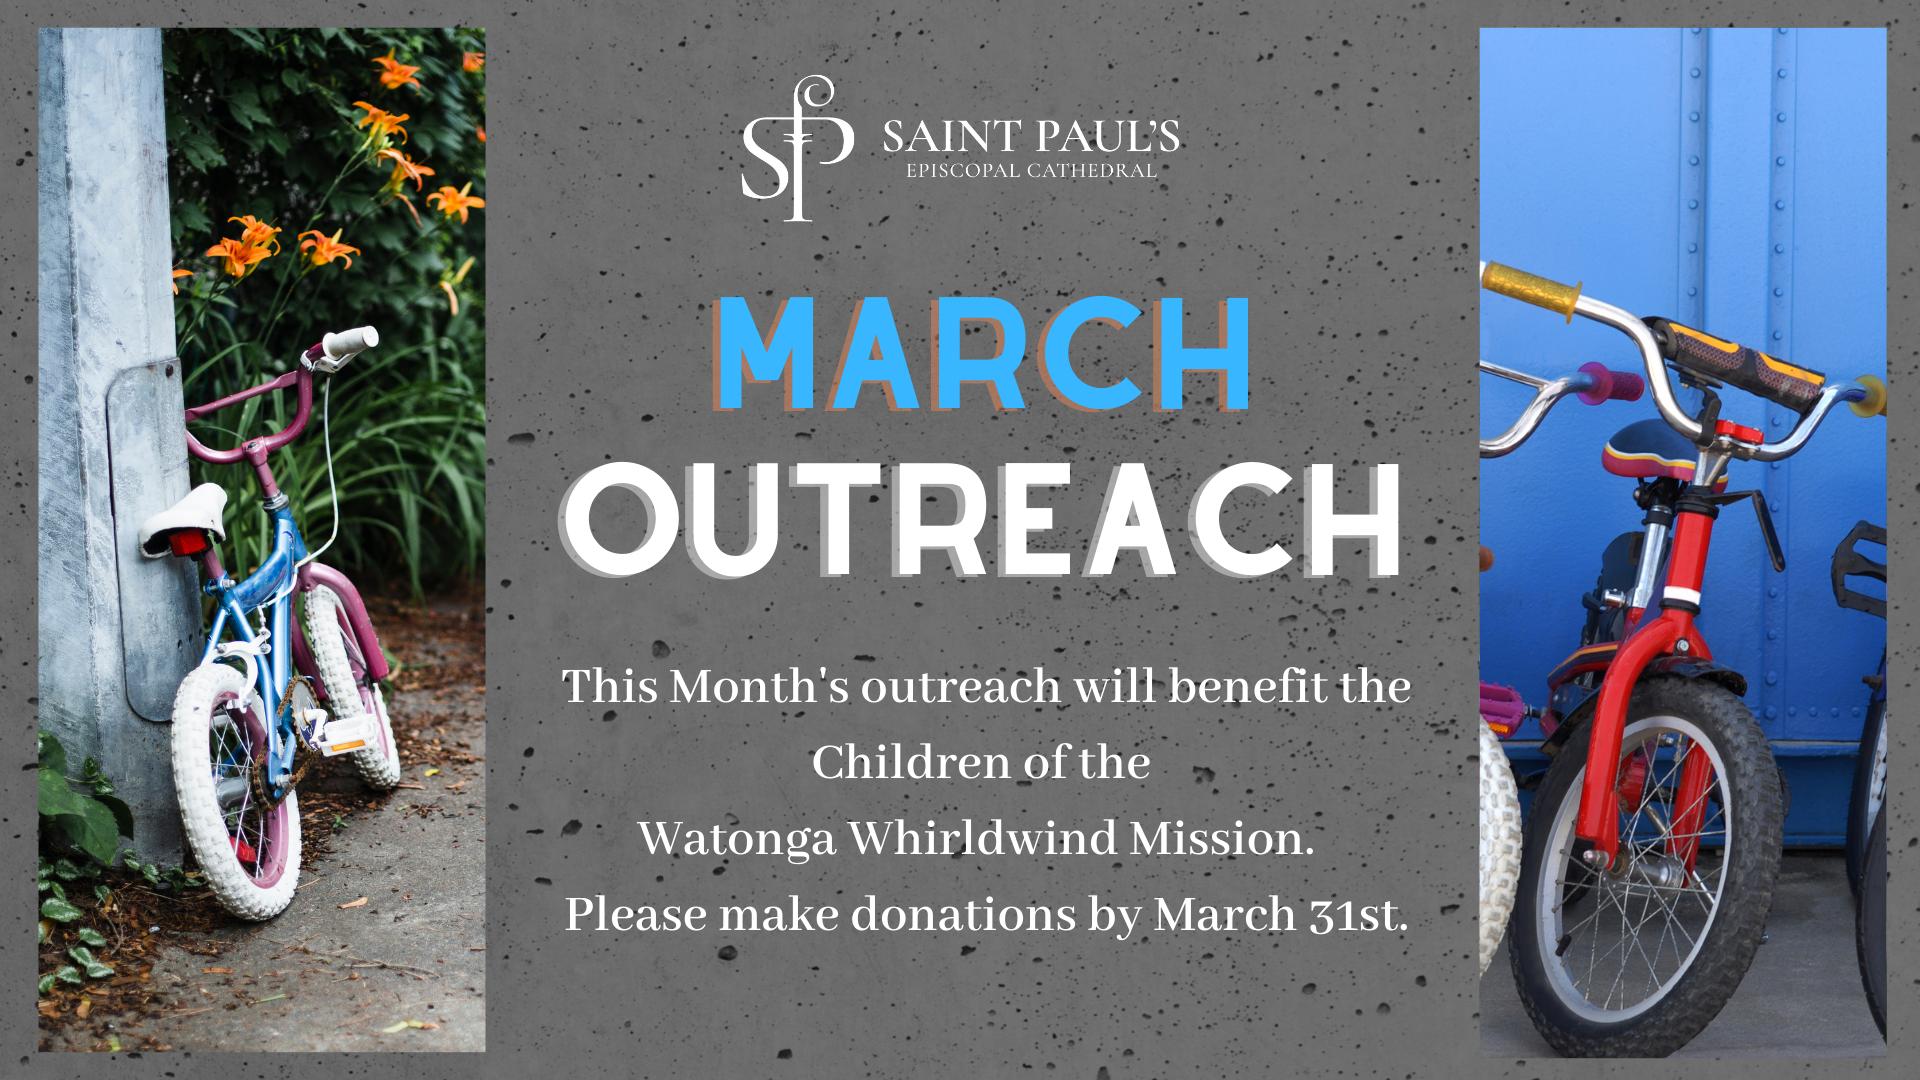 march-outreach-bikes_717